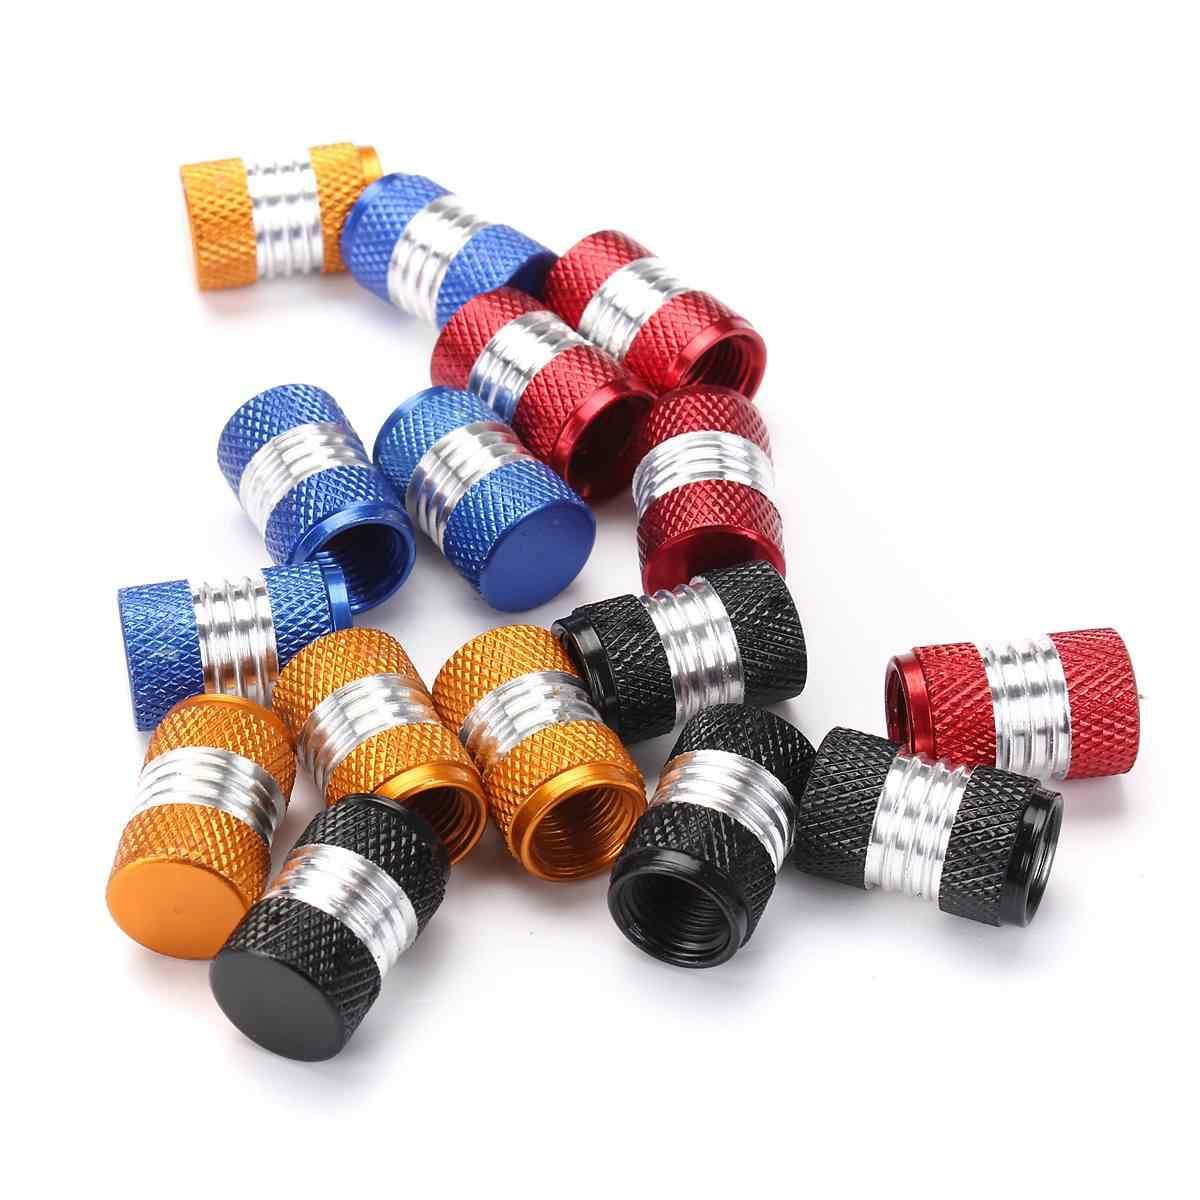 6 צבע 4Pcs אלומיניום סגסוגת רכב משאית עגול גלגל הצמיגים Valve גזע כובע אבק כיסוי שחור/אדום/ צהוב/ירוק/כחול/סגול